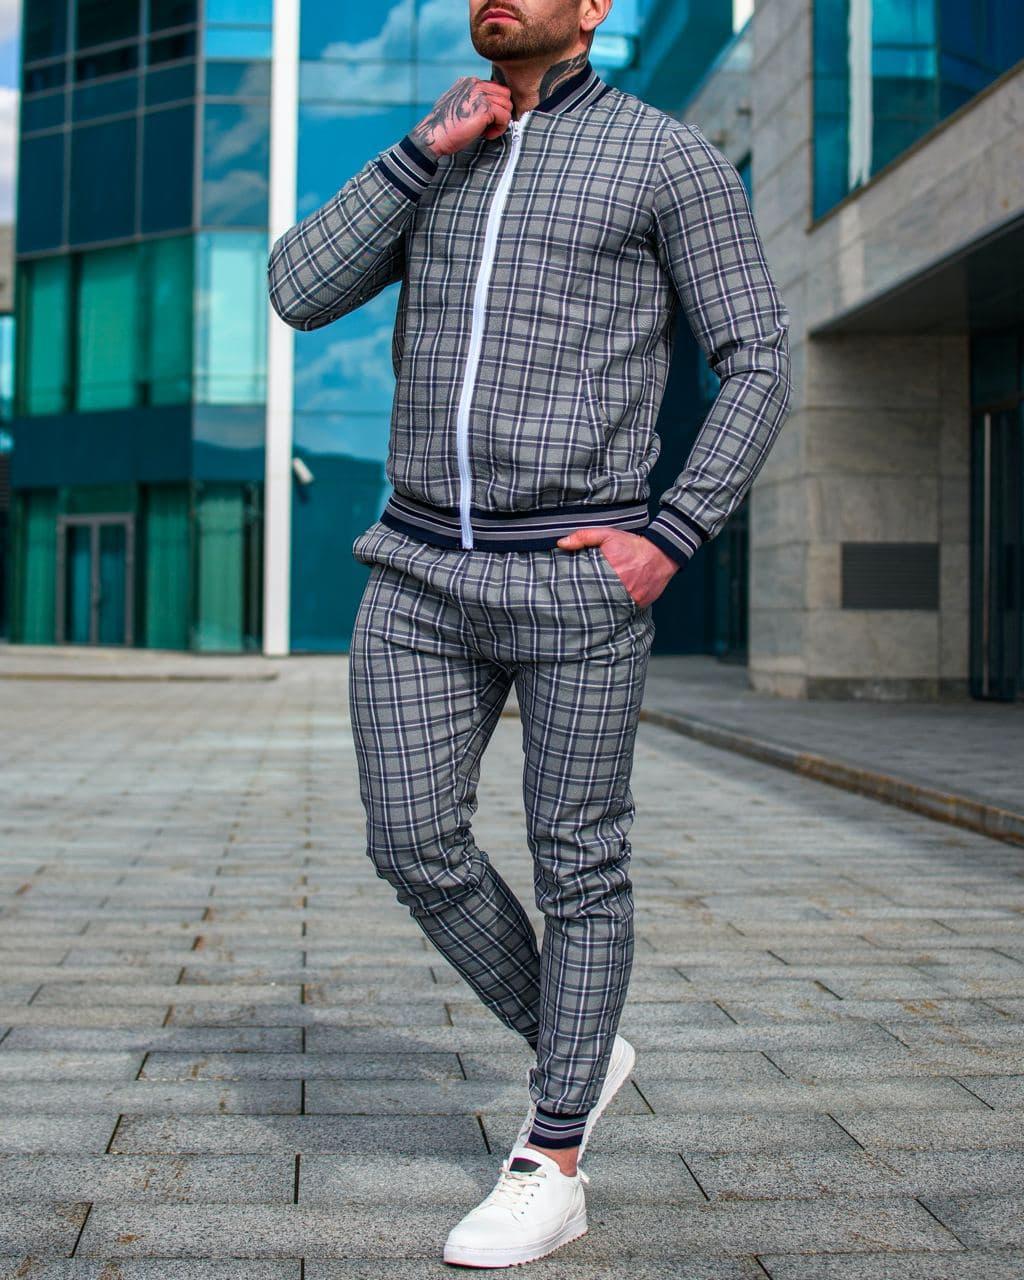 Чоловічий спортивний костюм. Джентельмен.